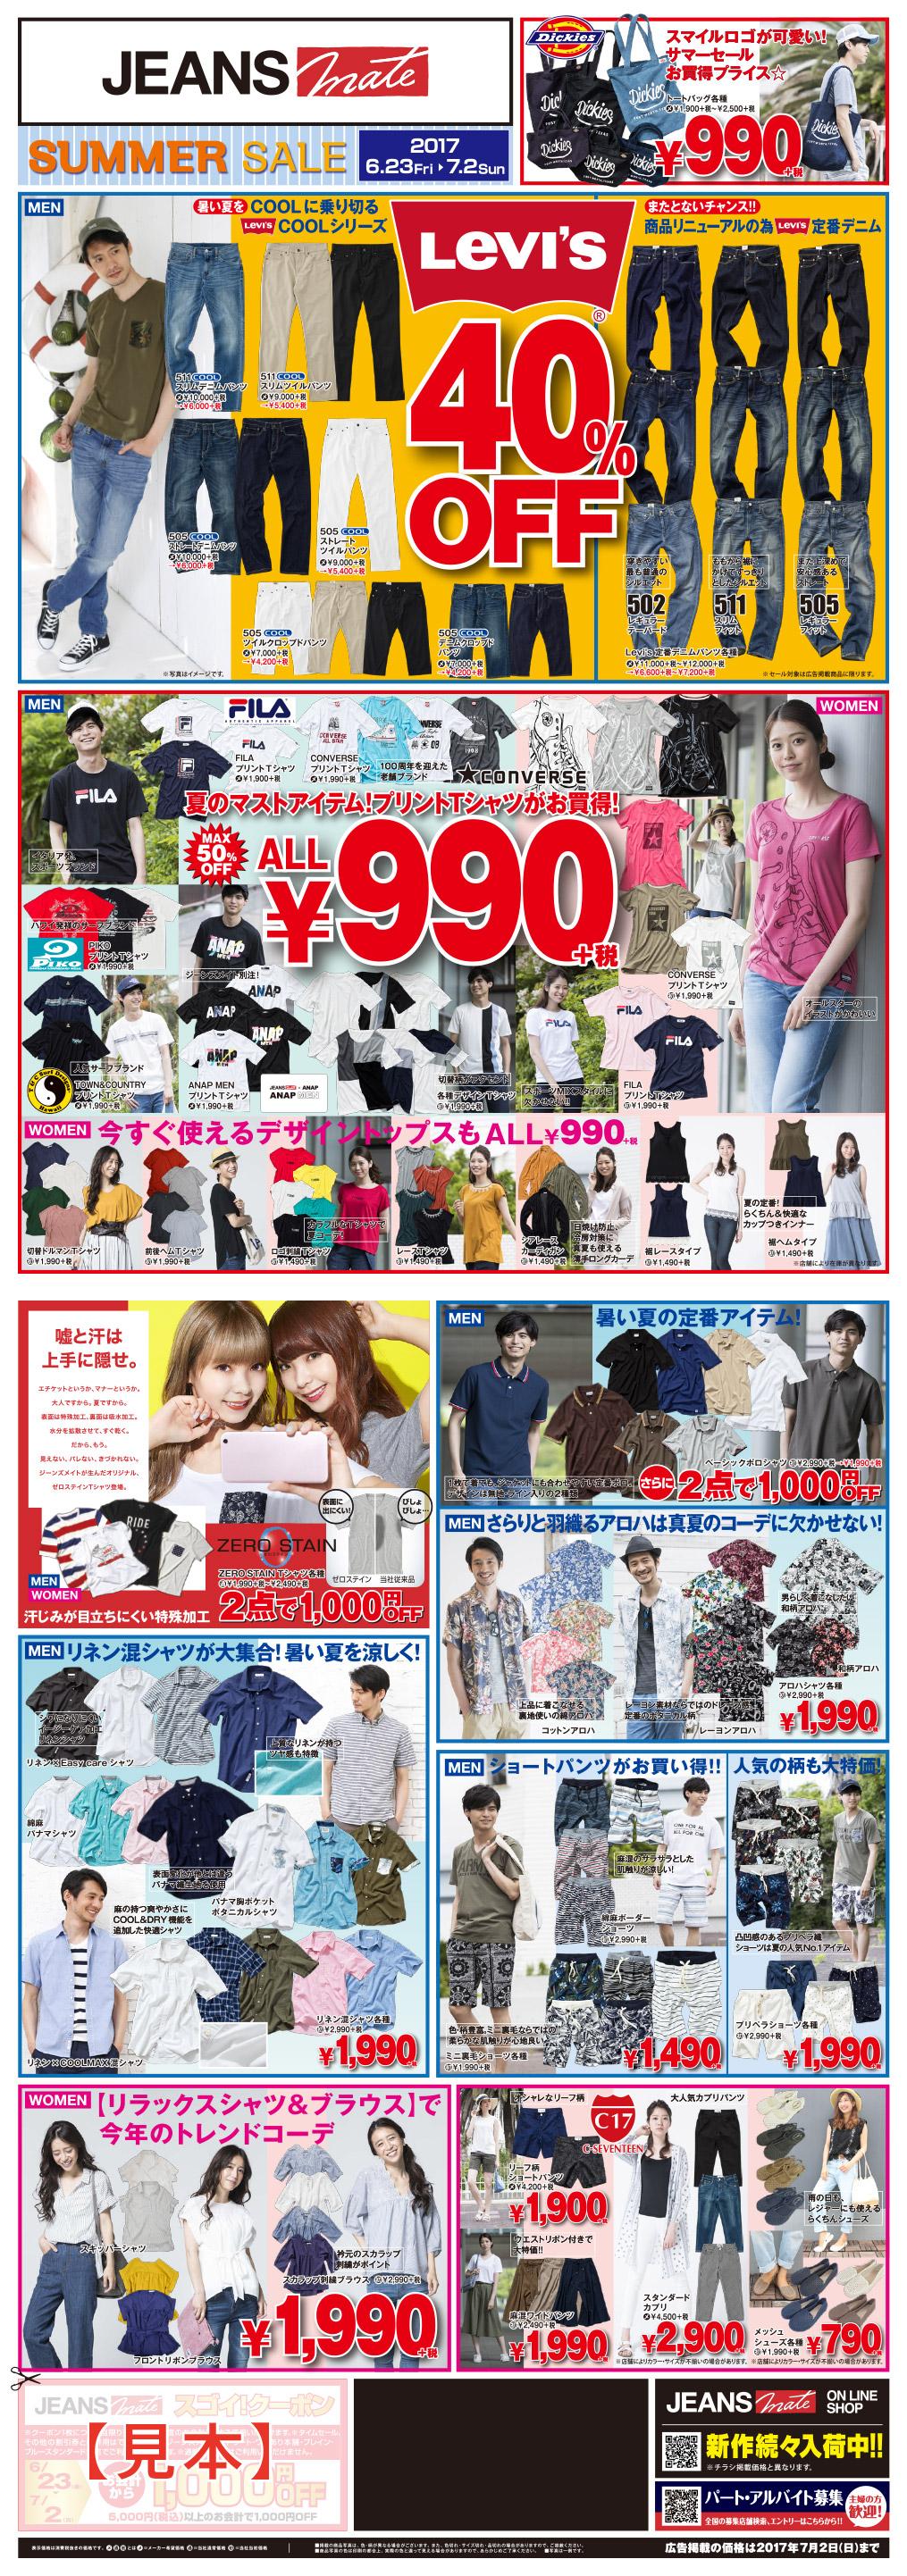 またとないチャンス!メンズのLevi'sCOOLシリーズや定番デニムの対象商品が40%OFF!!ウィメンズはFILAやCONVERSEなど人気ブランドTシャツが¥990+税!